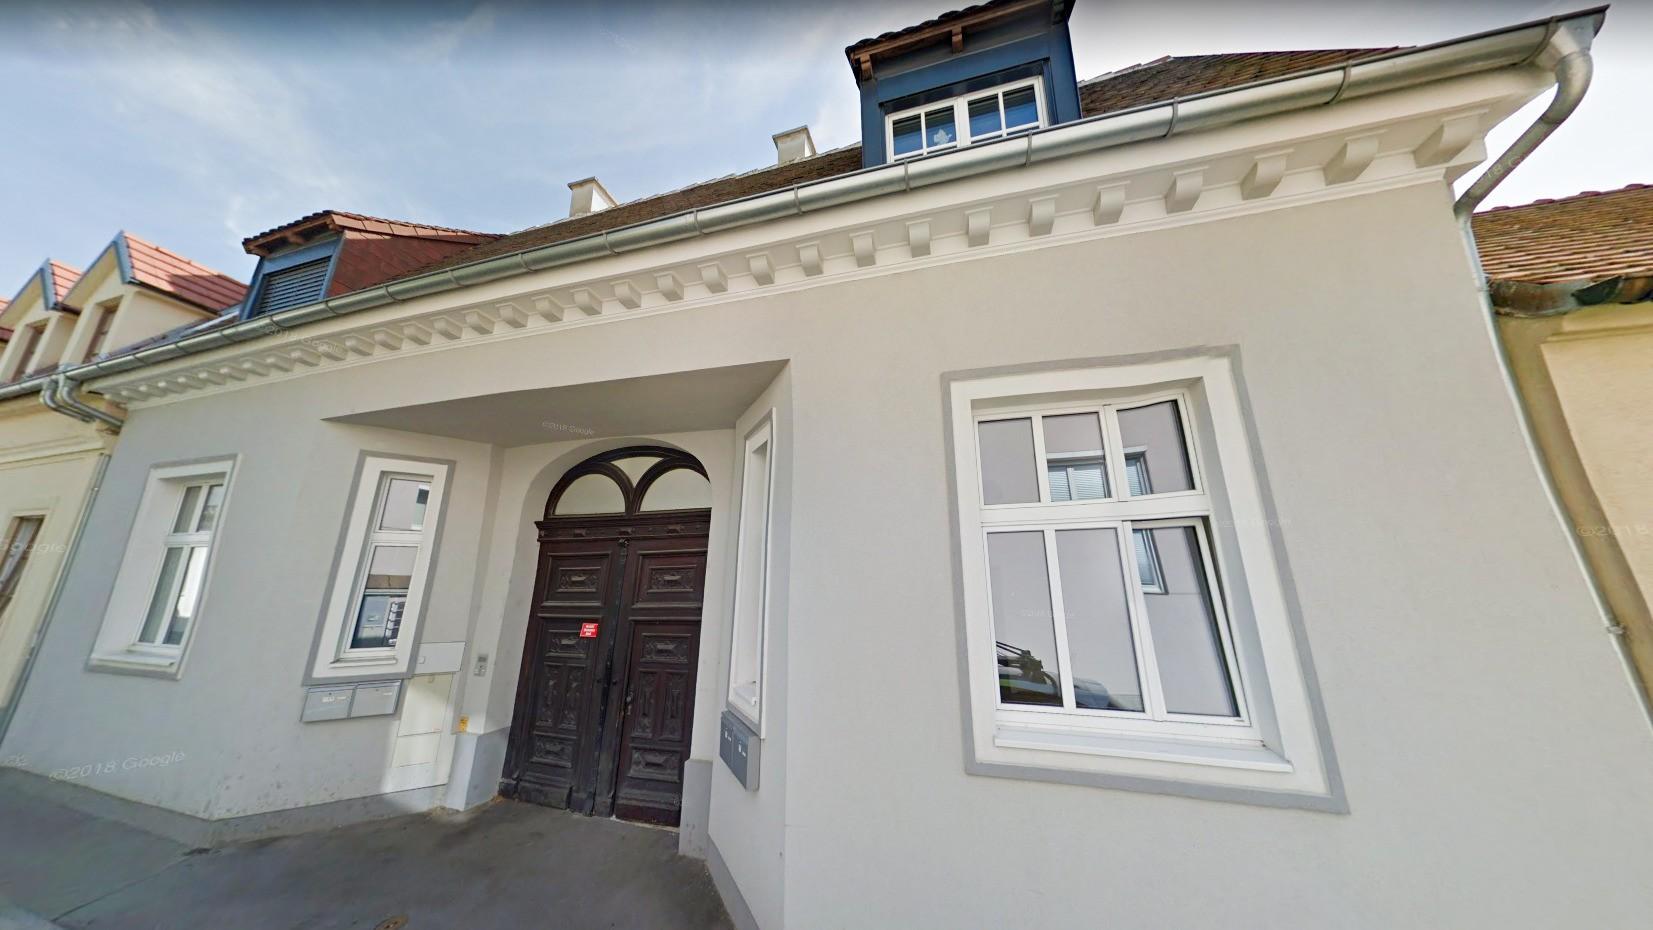 ++ Stadthaus in der Palffygasse - 4 Wohneinheiten ++